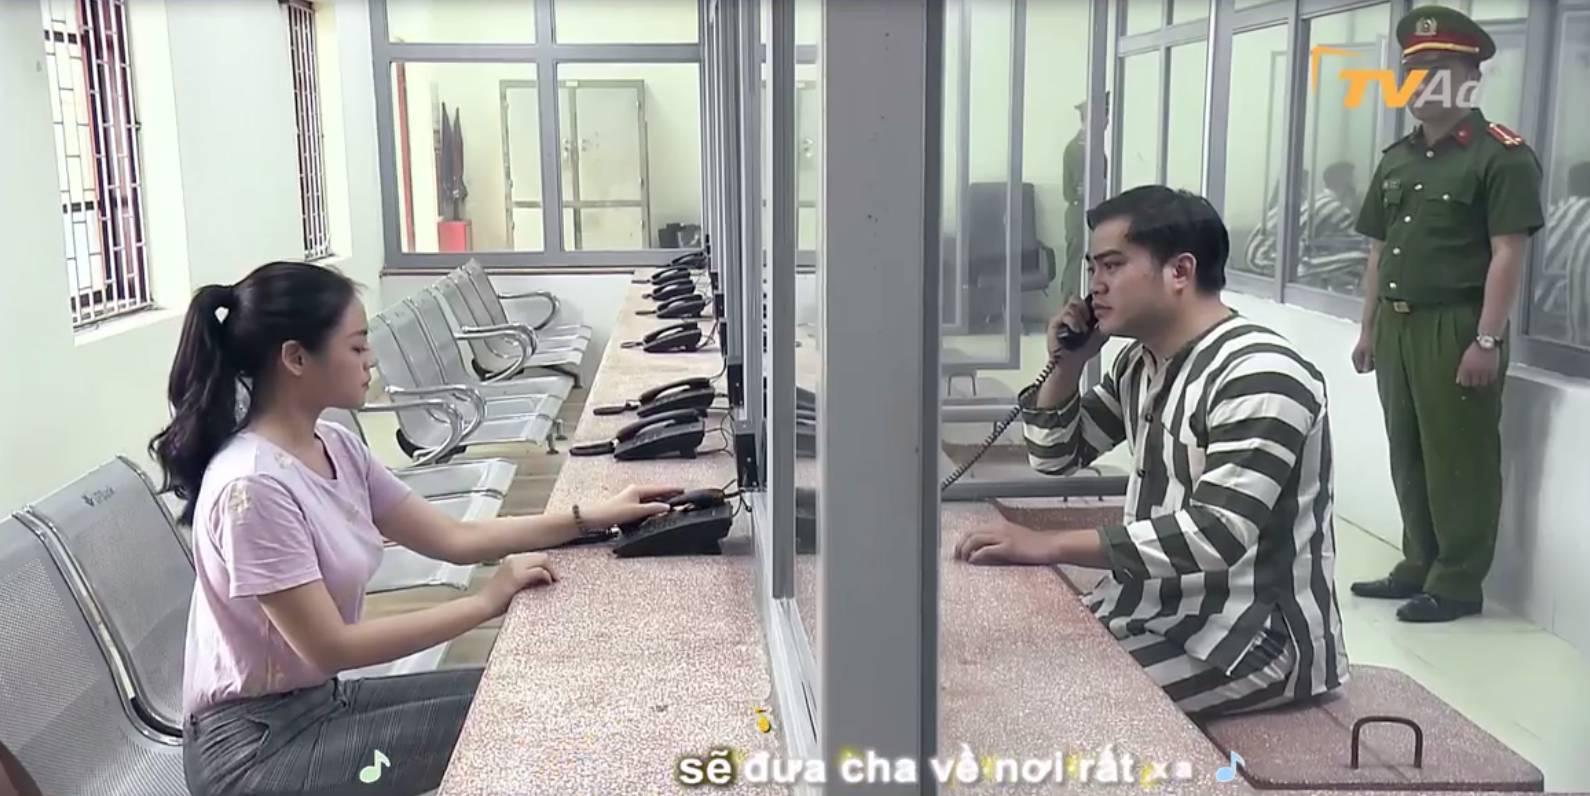 Hot: Hé lộ cảnh Khải Về nhà đi con đi tù, Huệ đến thăm nhưng vẫn phũ phàng-1